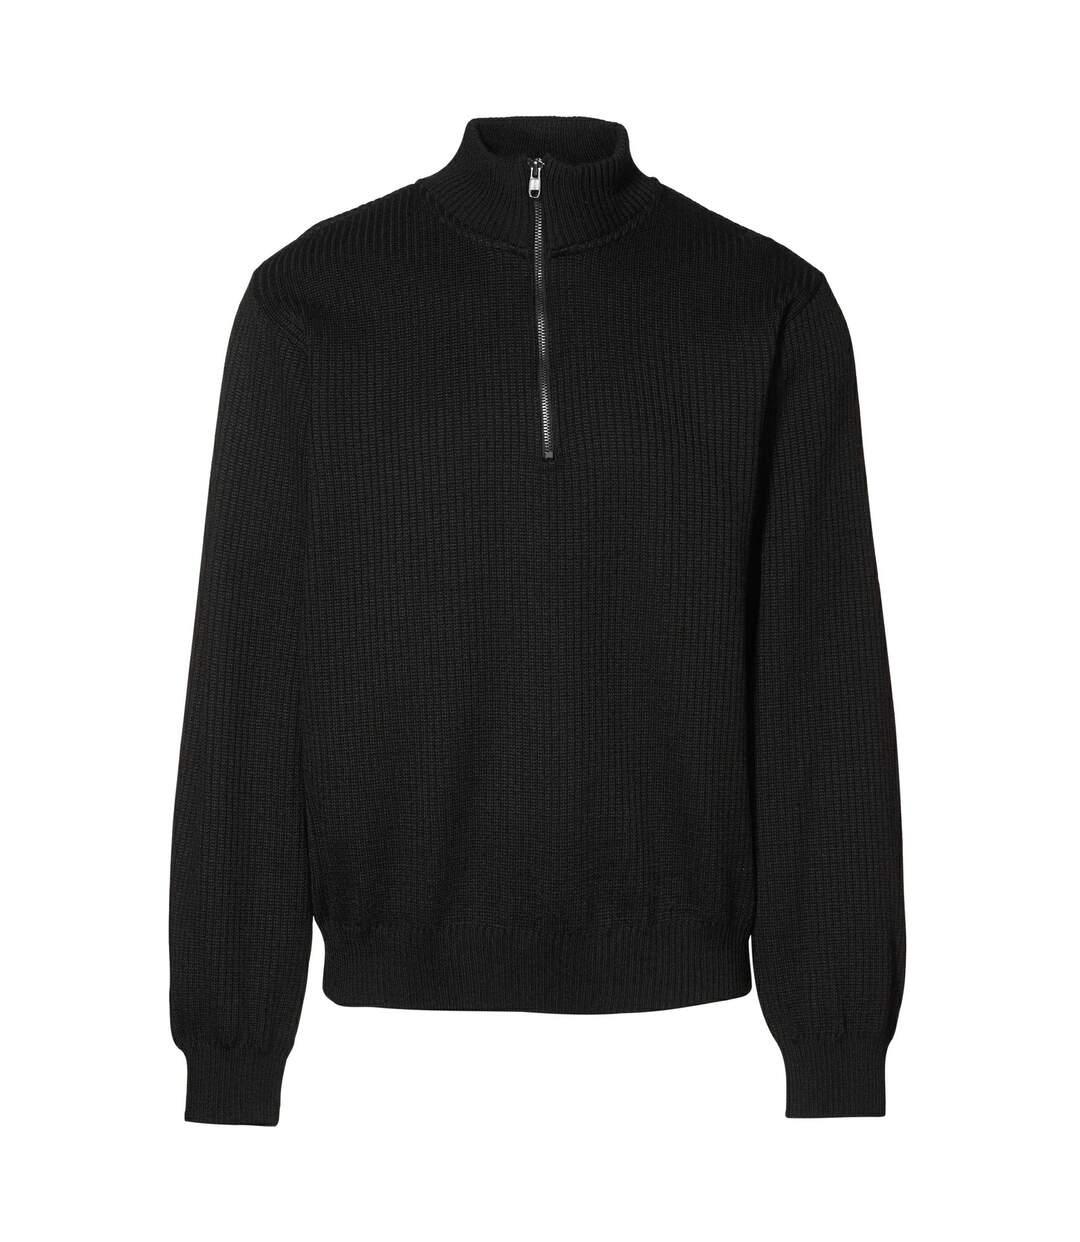 ID Mens Knitted Half Zip Pullover Fleece (Black) - UTID398